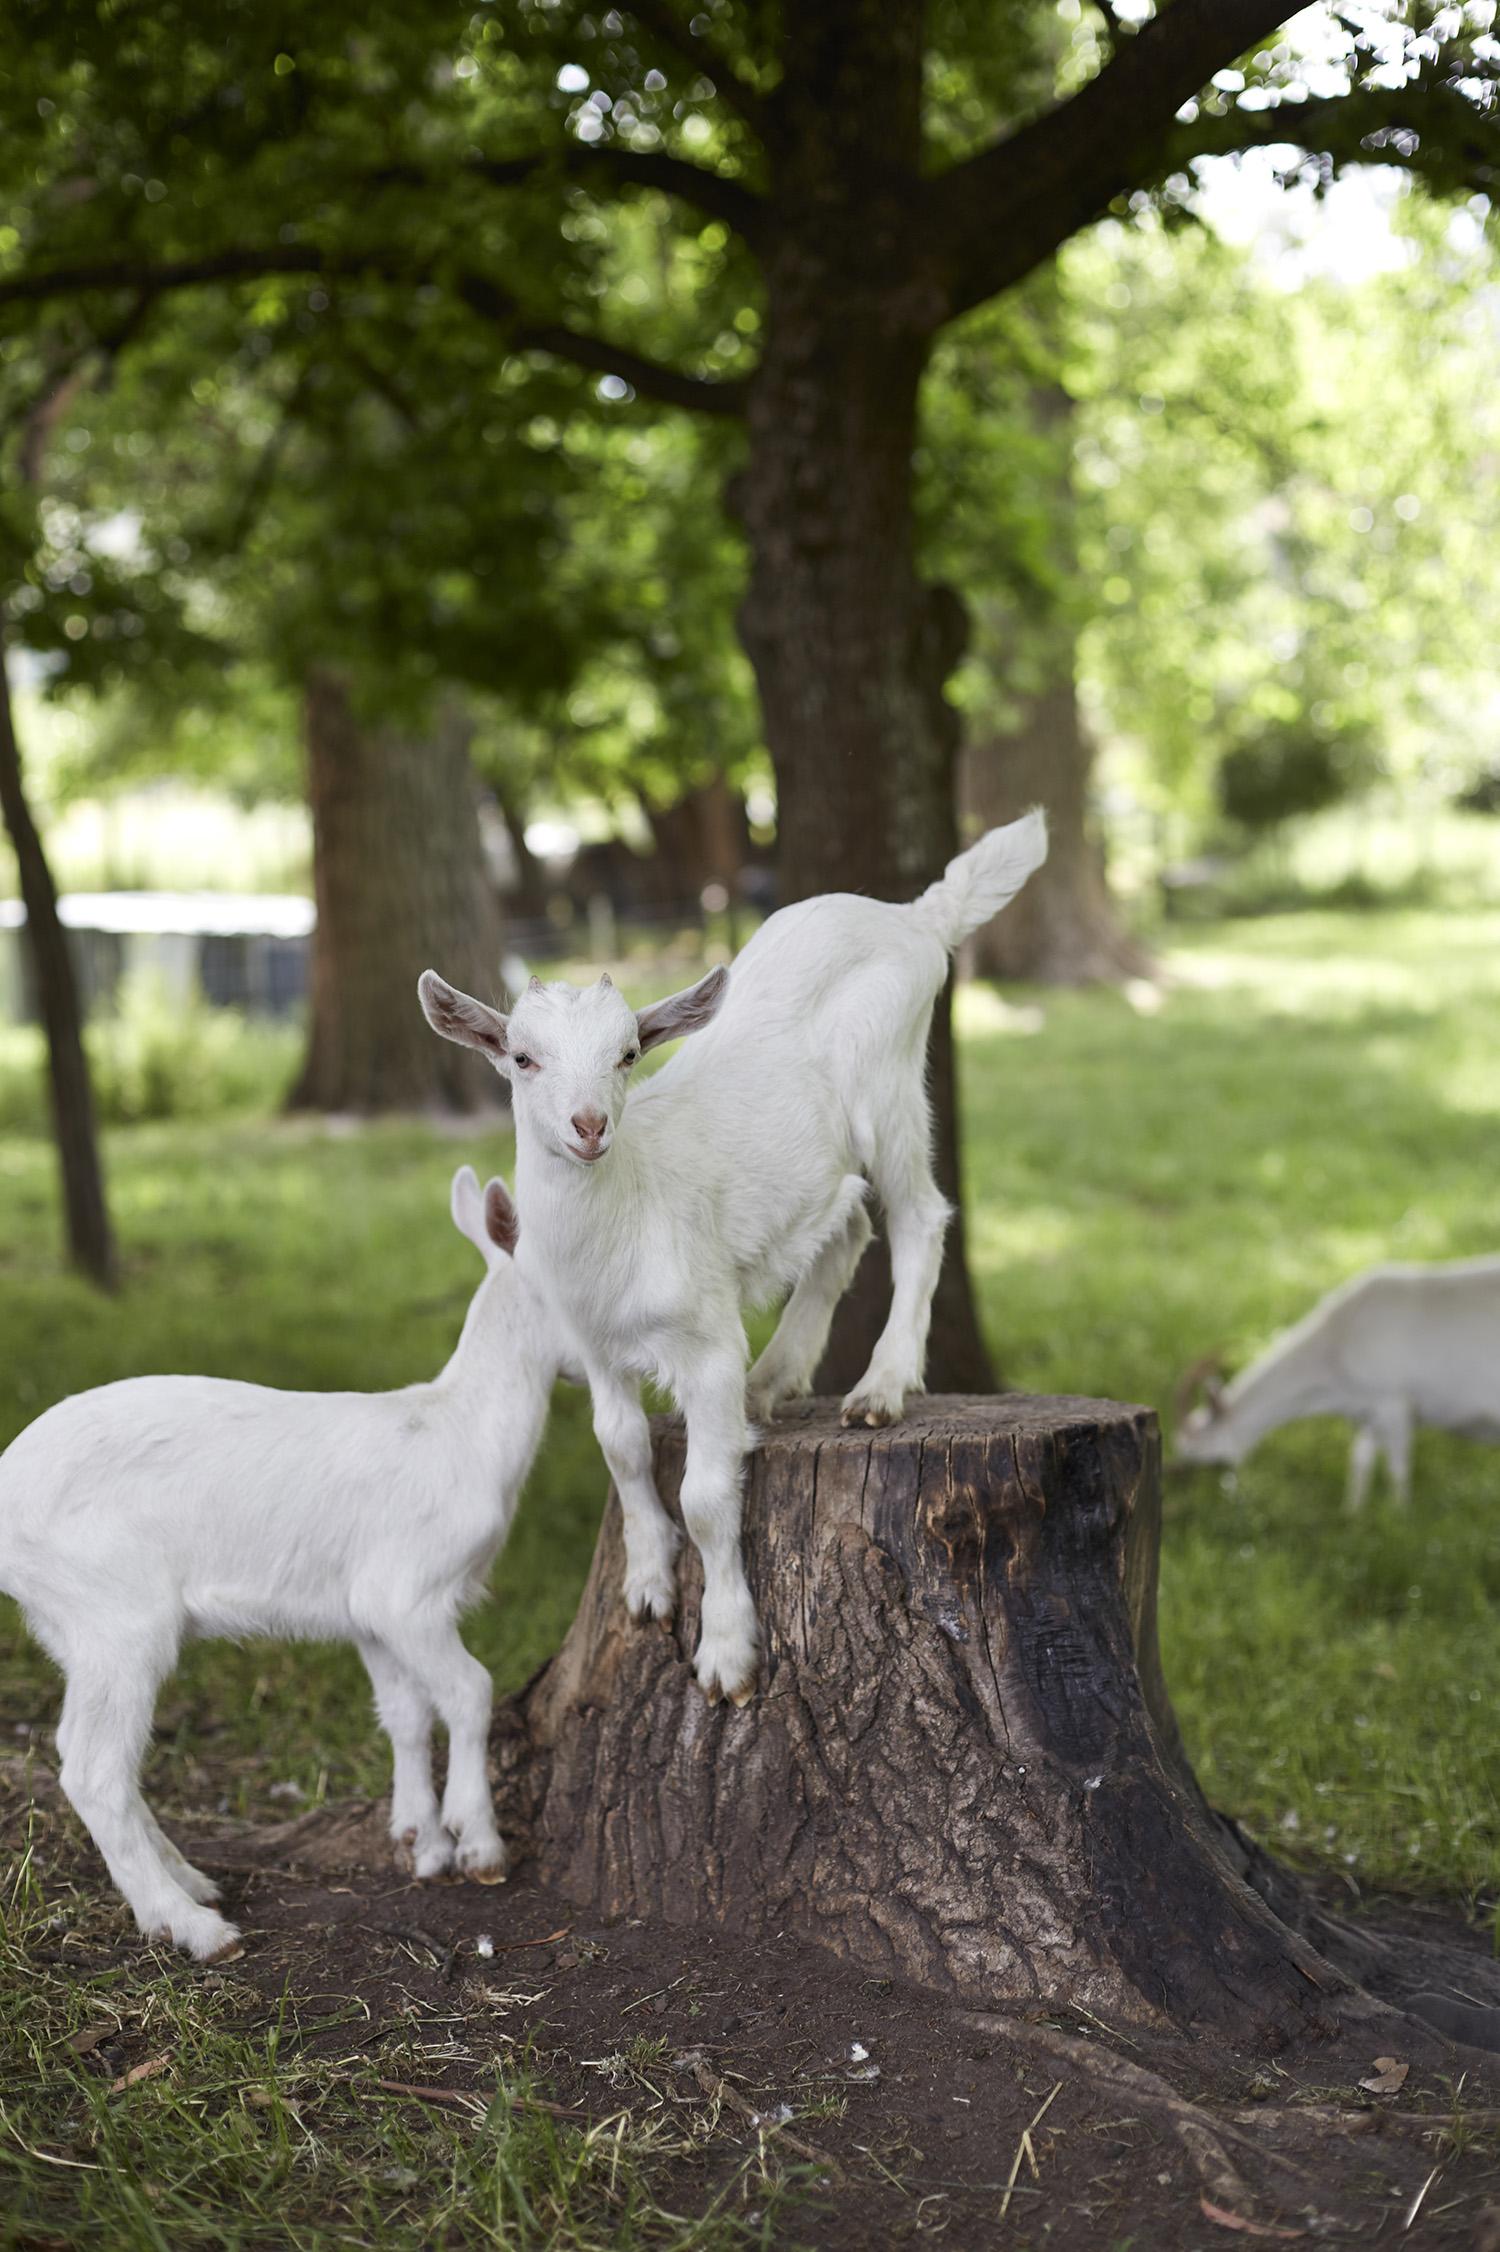 goat on stump.jpg